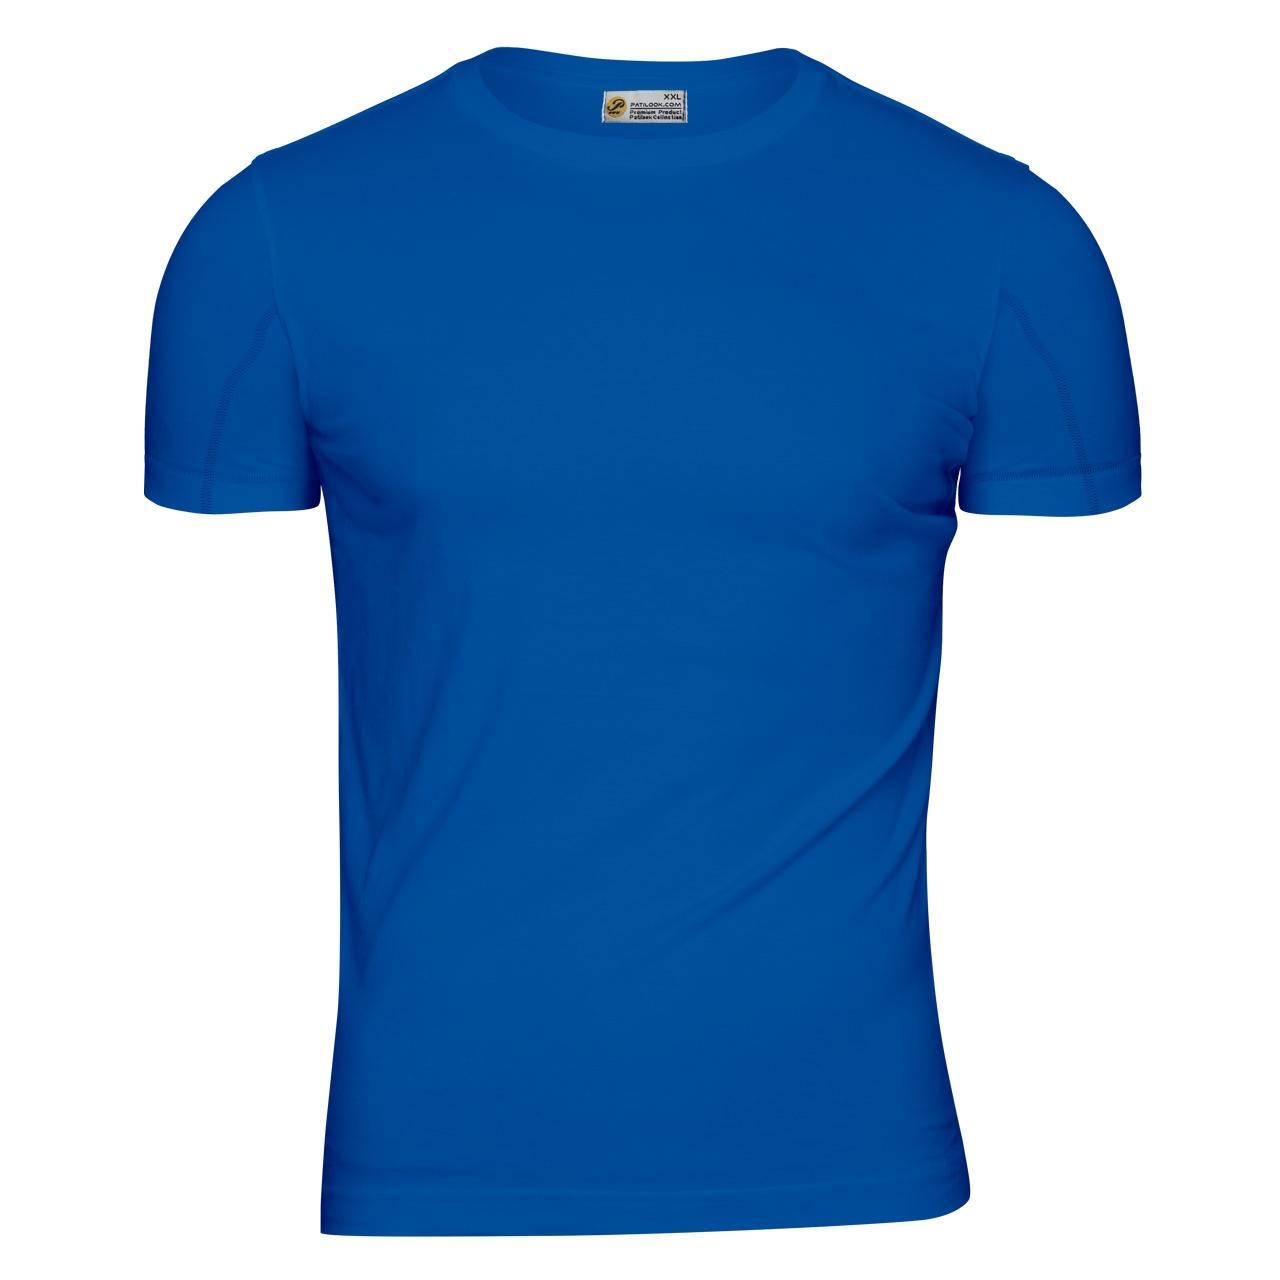 تیشرت آستین کوتاه مردانه پاتیلوک مدل Blank کد 330679